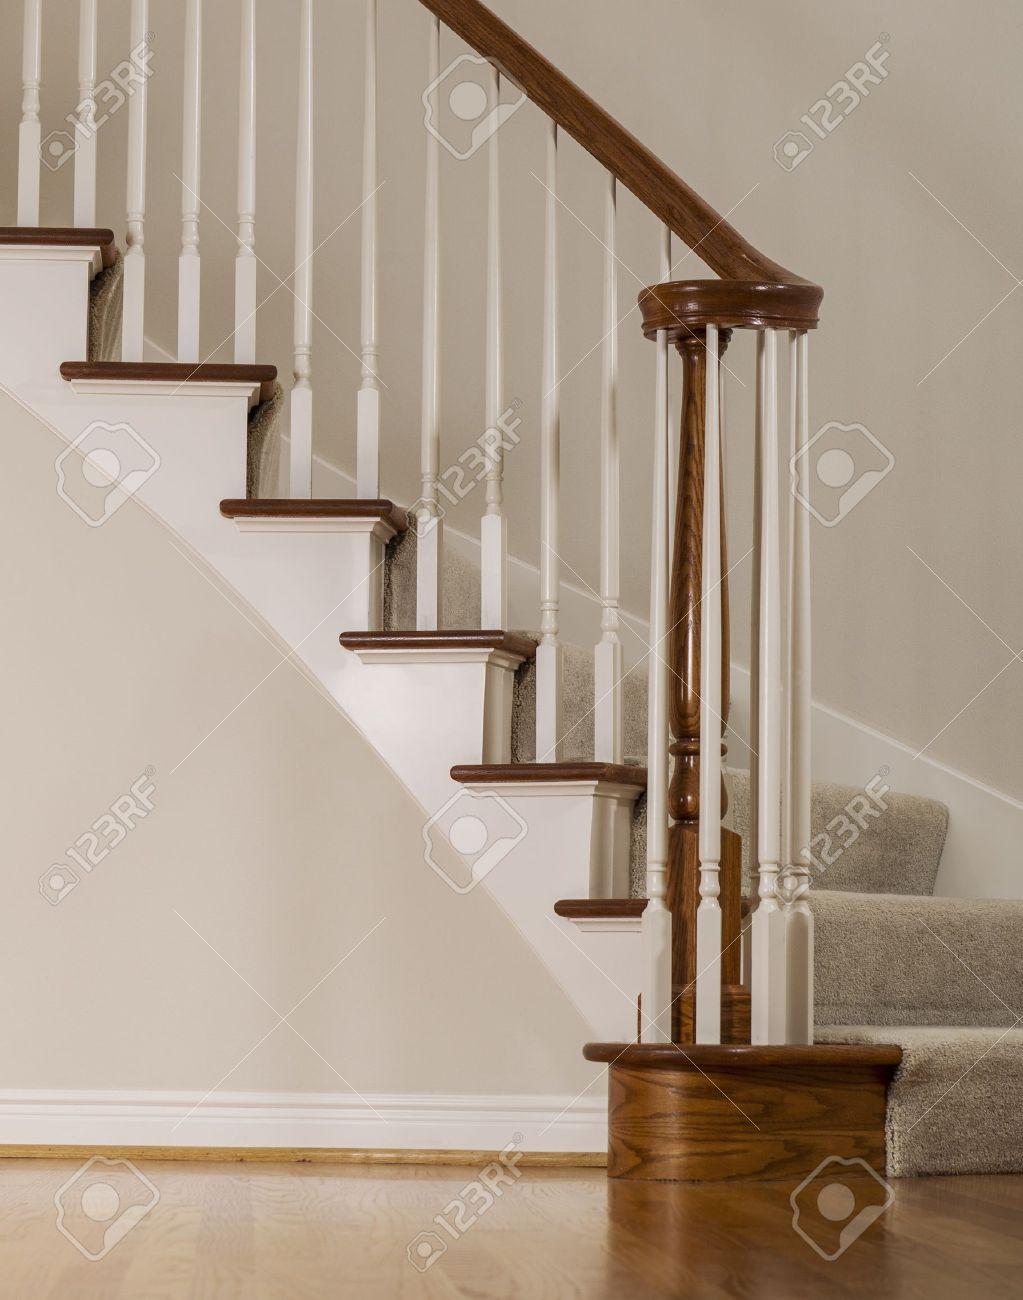 Trä ek trappa med matta steg och vitt gjutning royalty fria ...